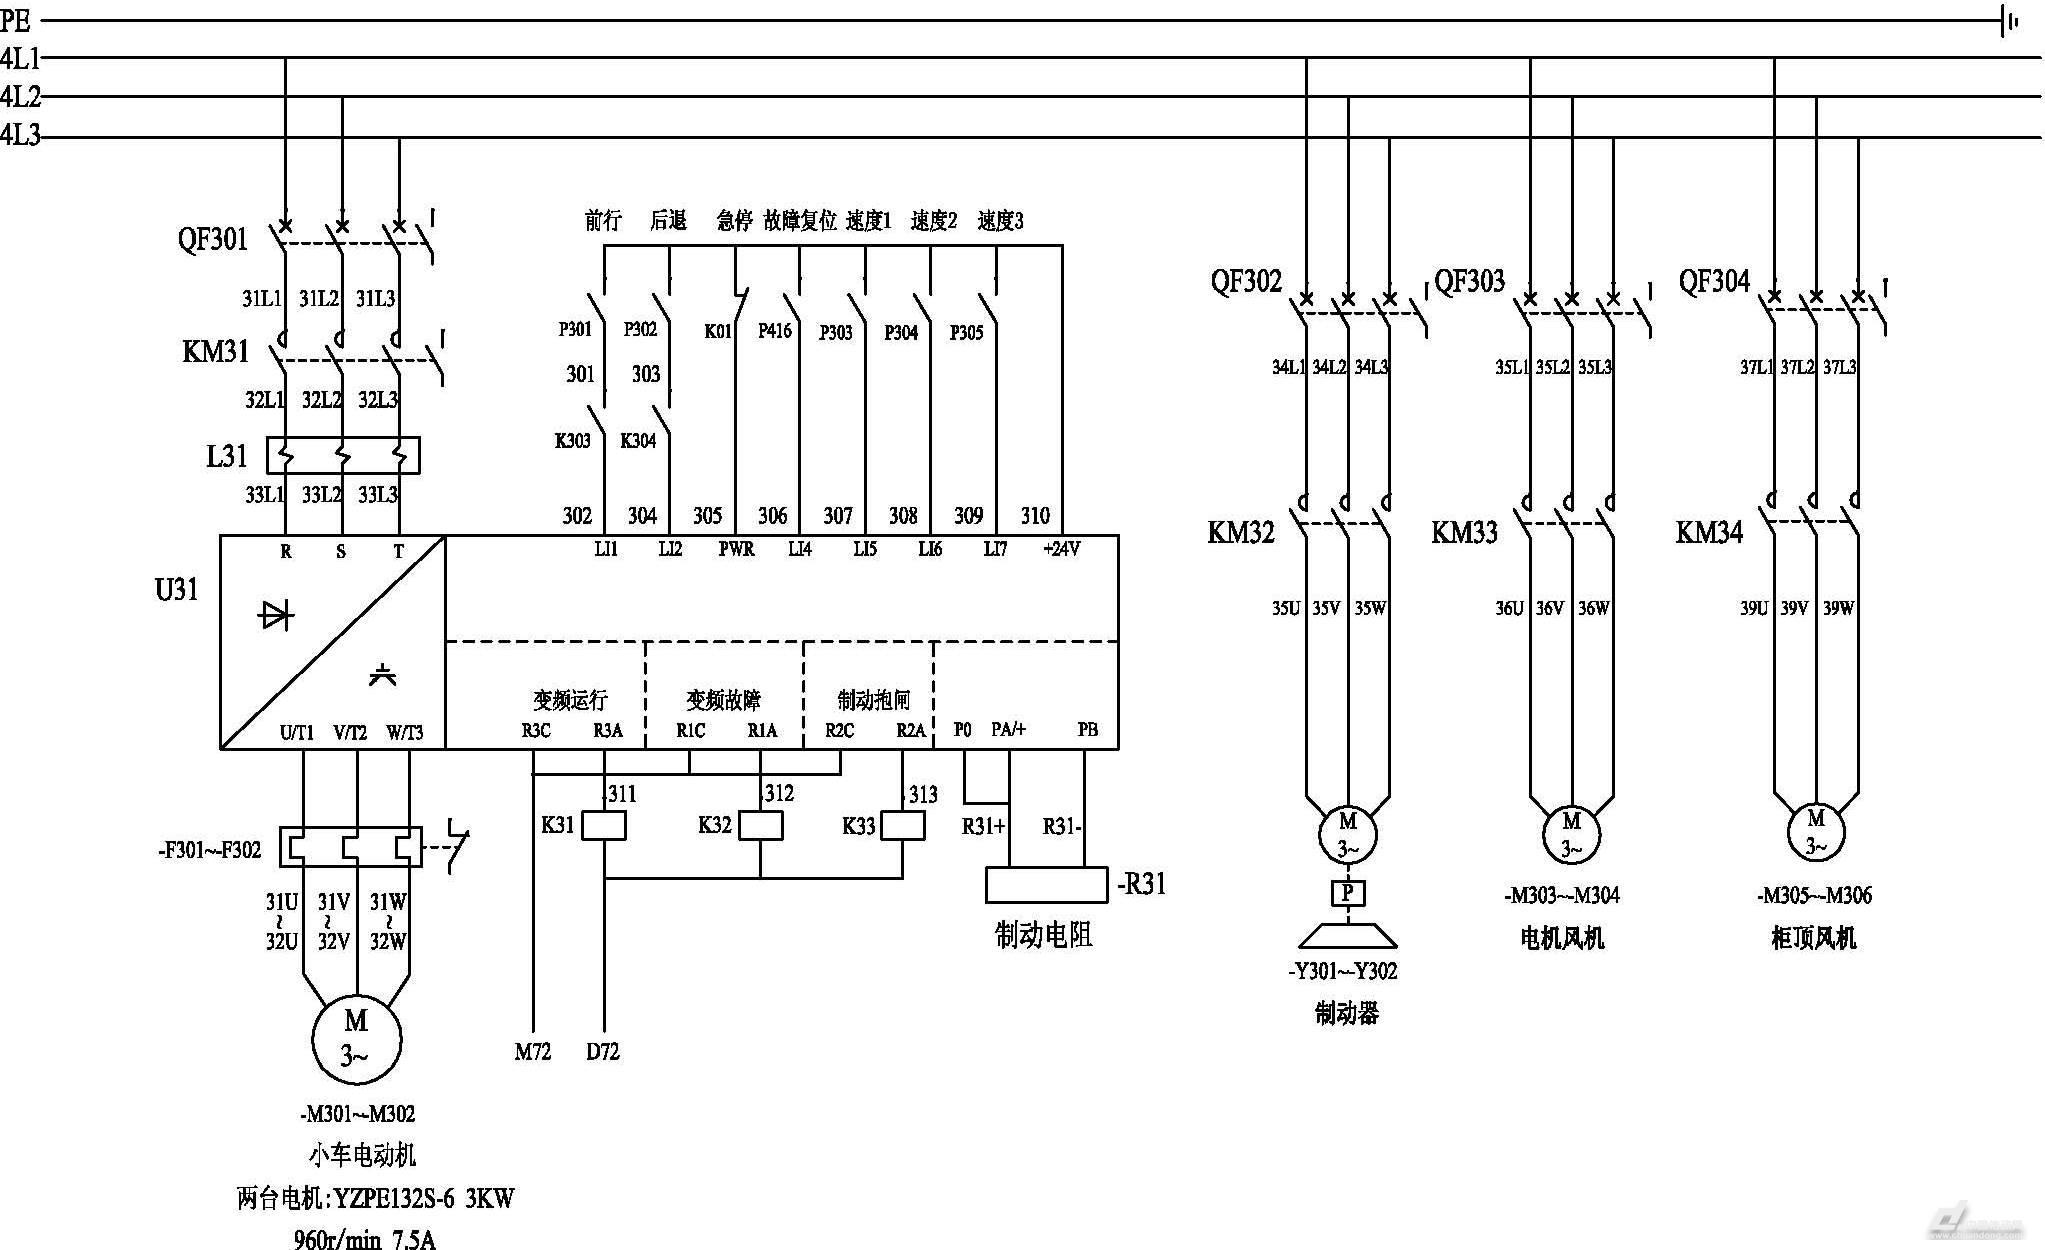 施耐德atv71变频器在双小车桥机上的运用